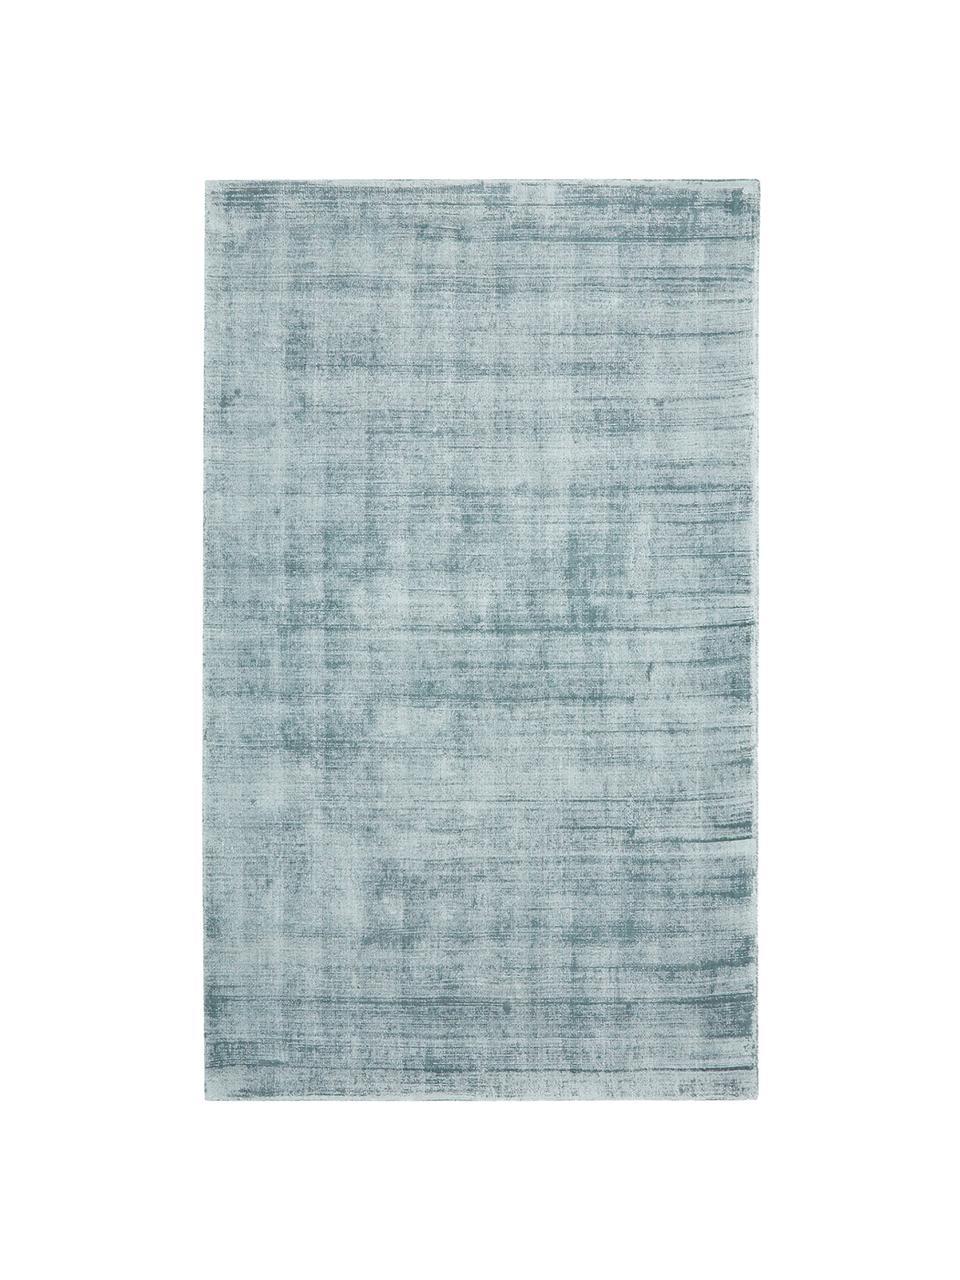 Ručně tkaný viskózový koberec Jane, Ledově modrá